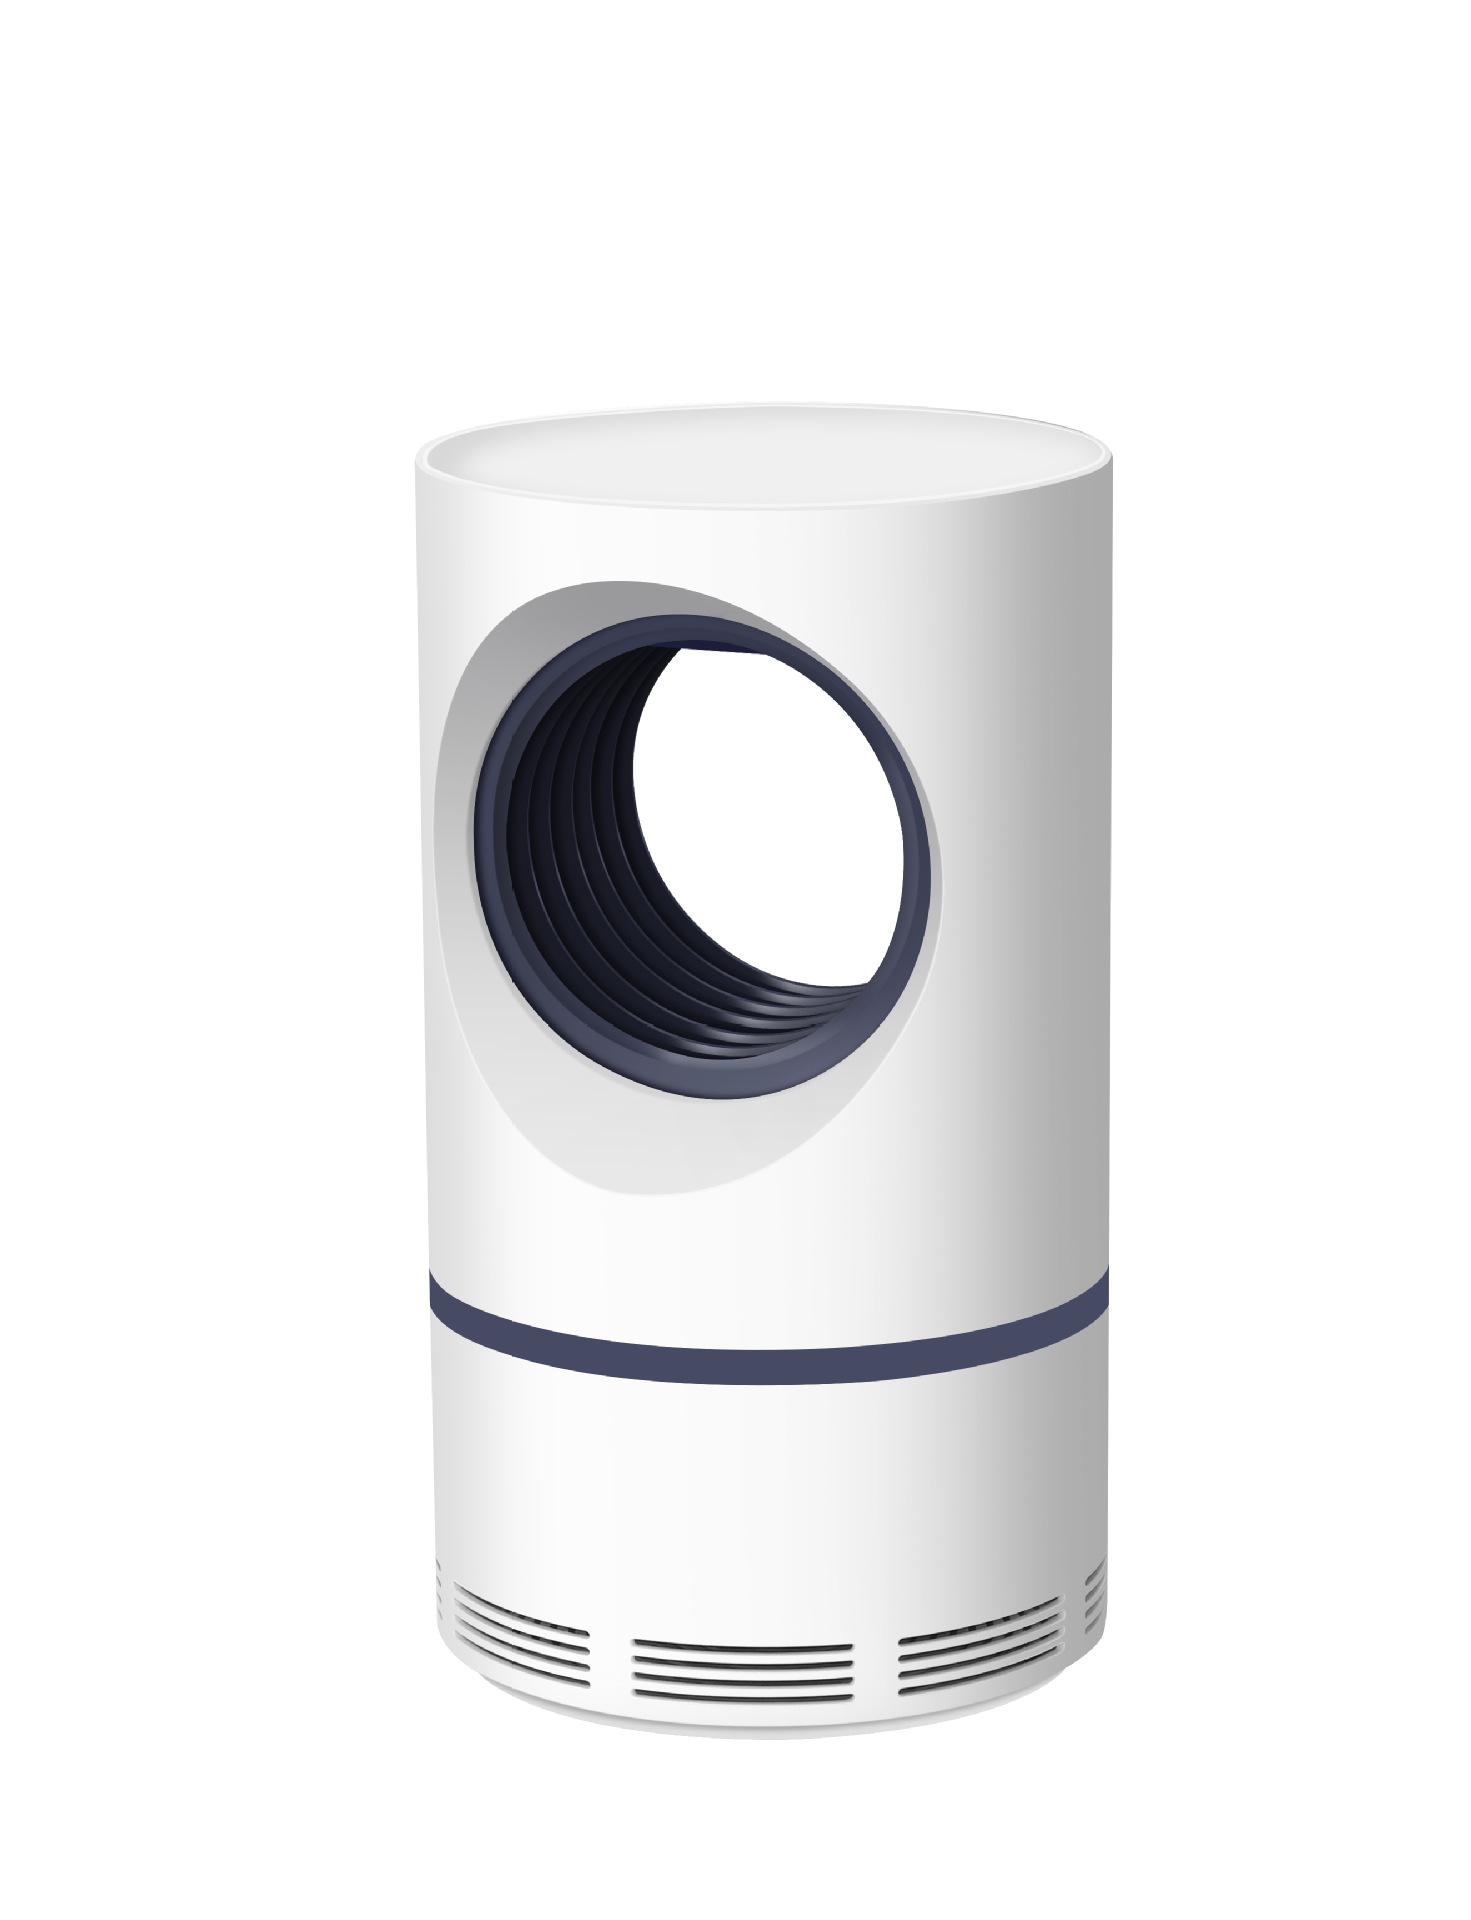 家用捕蝇智能光控驱蚊器